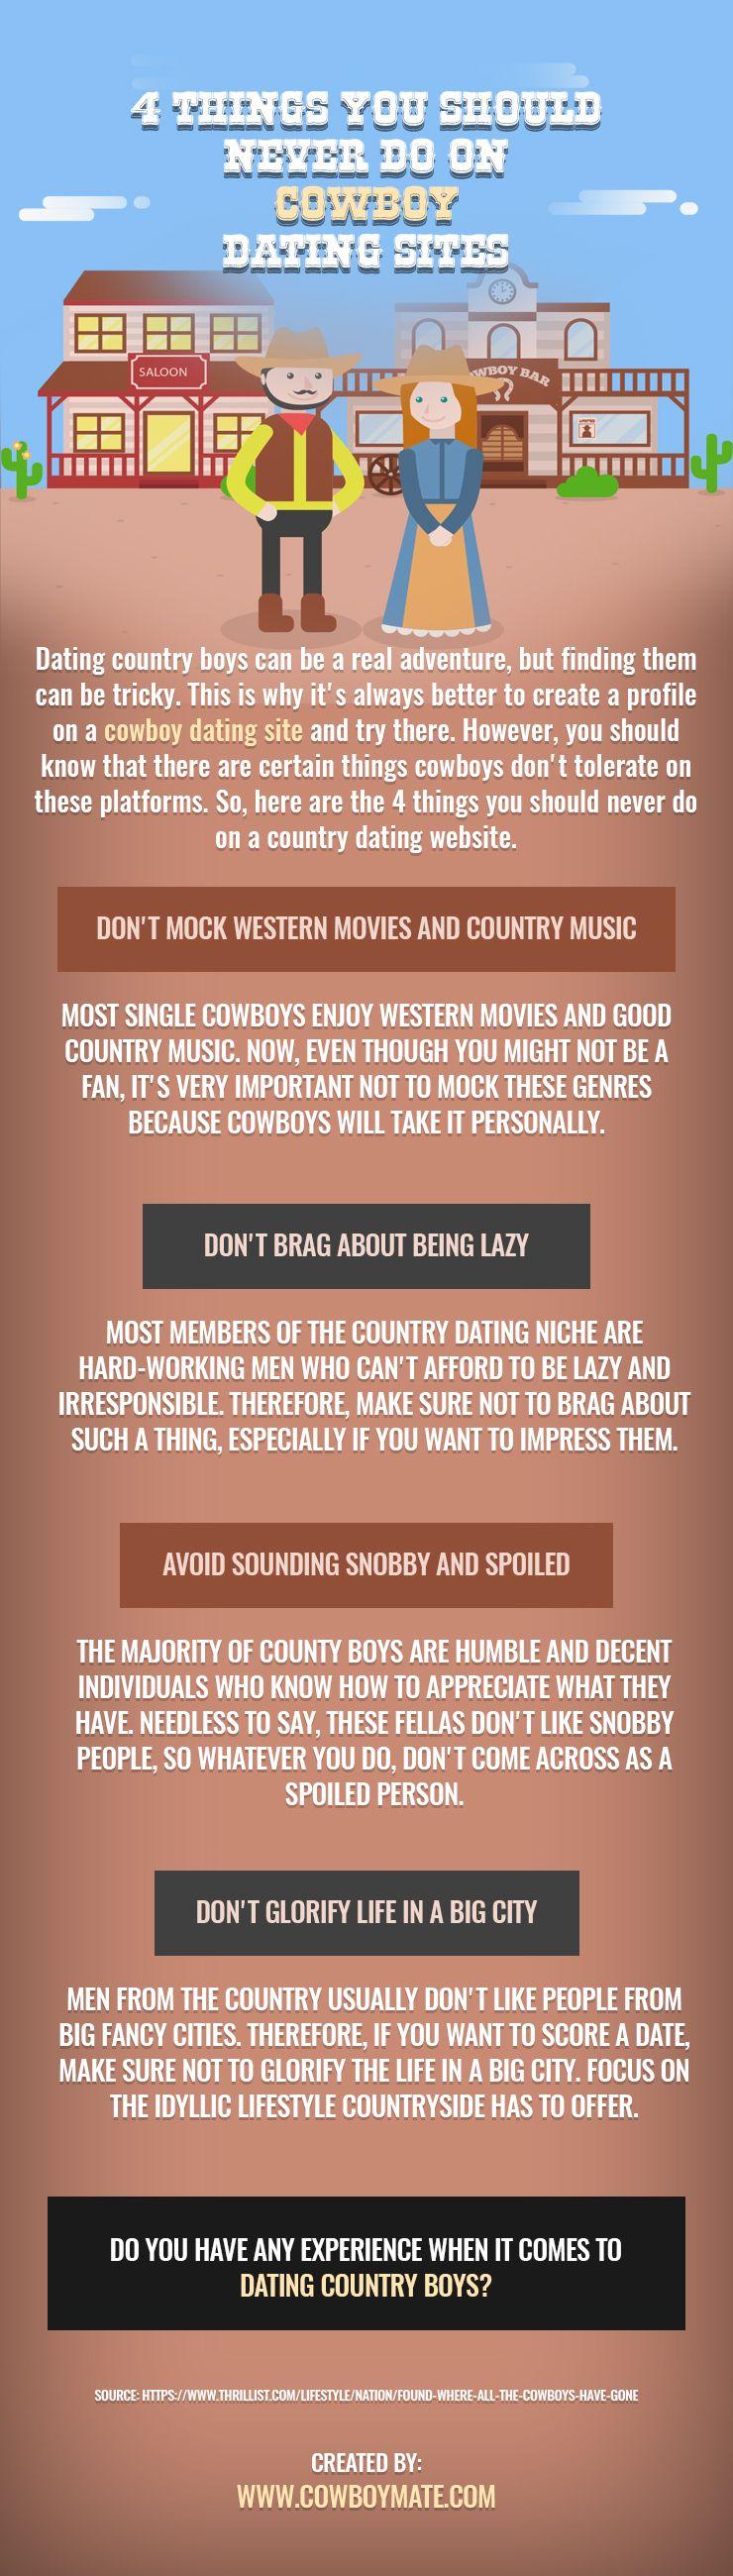 Date a cowboy website